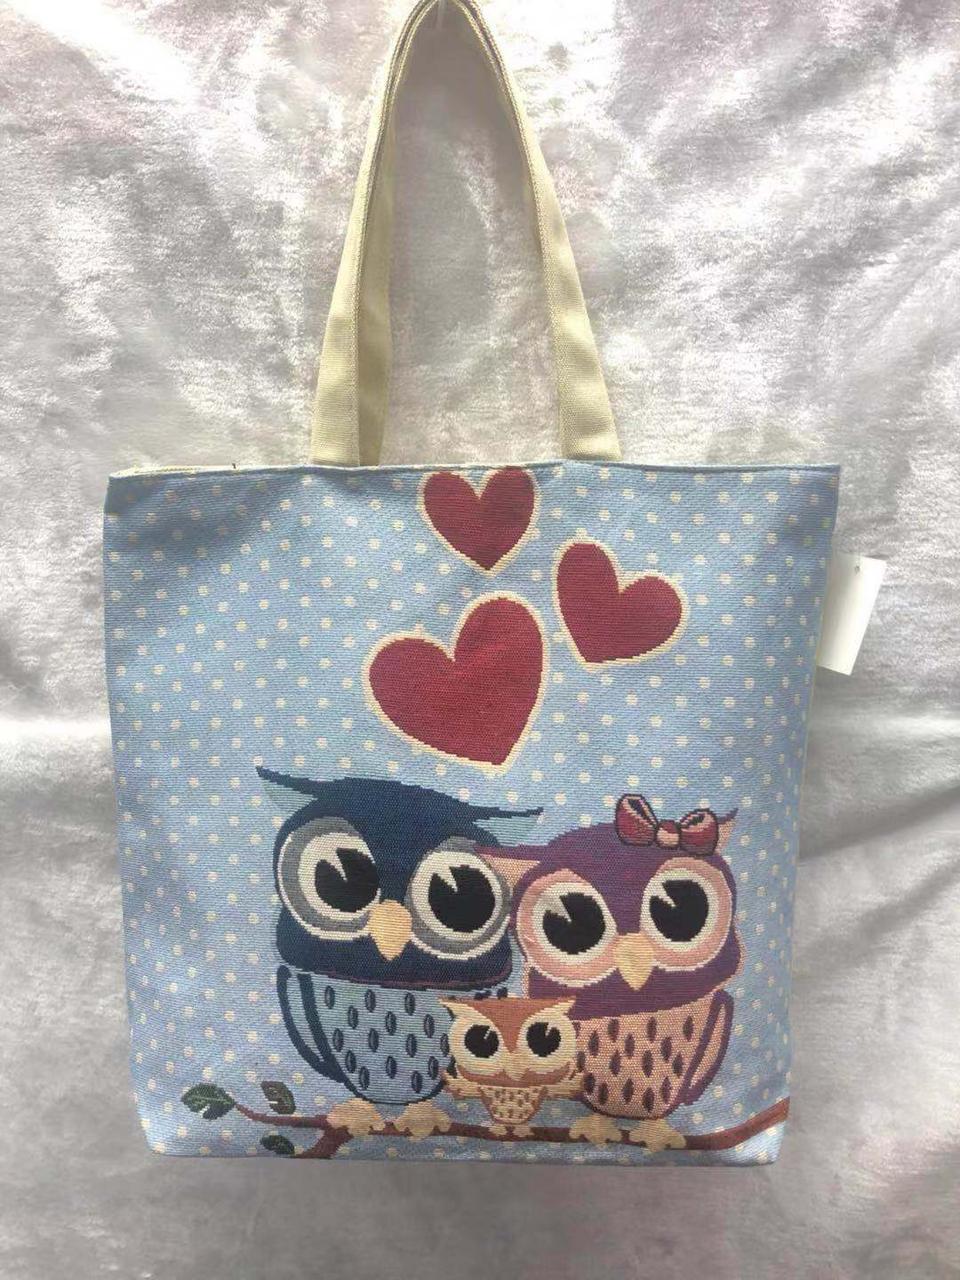 904048584d82 Пляжная сумка Влюбленные совы, цена 190 грн., купить Одеса — Prom.ua  (ID#895170590)